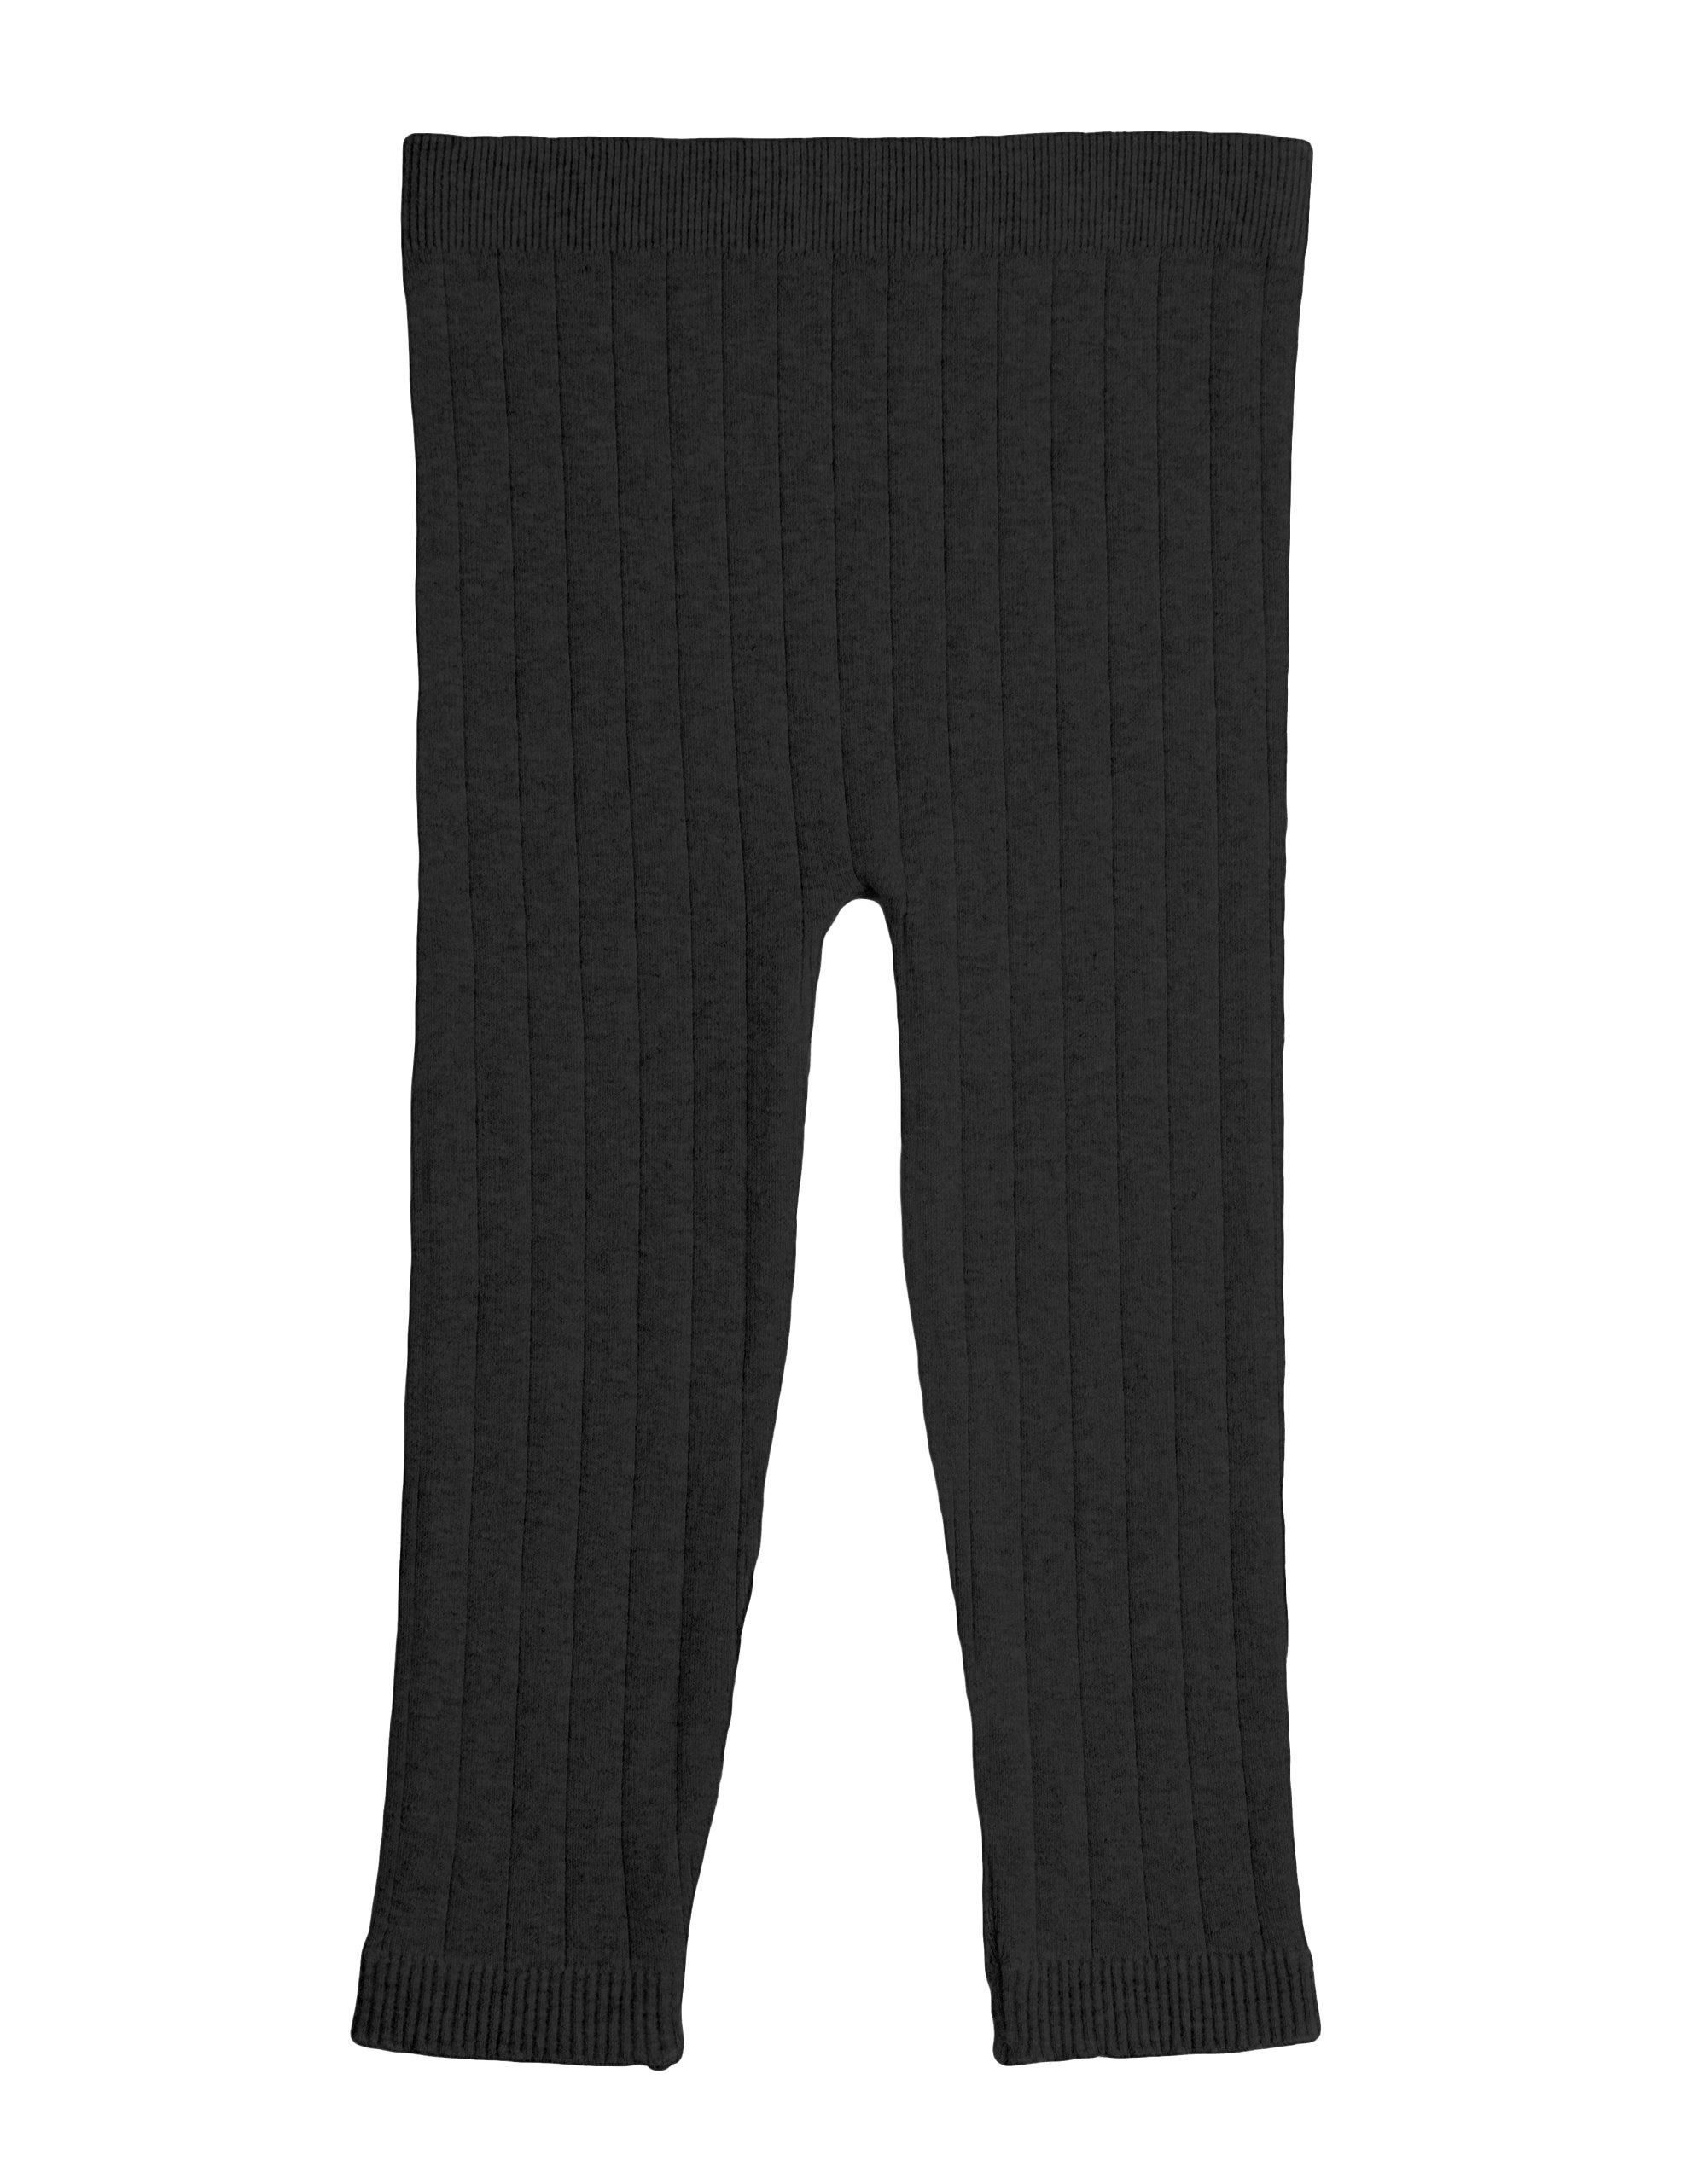 EMEM Apparel Unisex Boys Girls Baby Toddler Medium Weight Seamless Full Ankle Length Ribbed Cotton Leggings Black 2T-4T